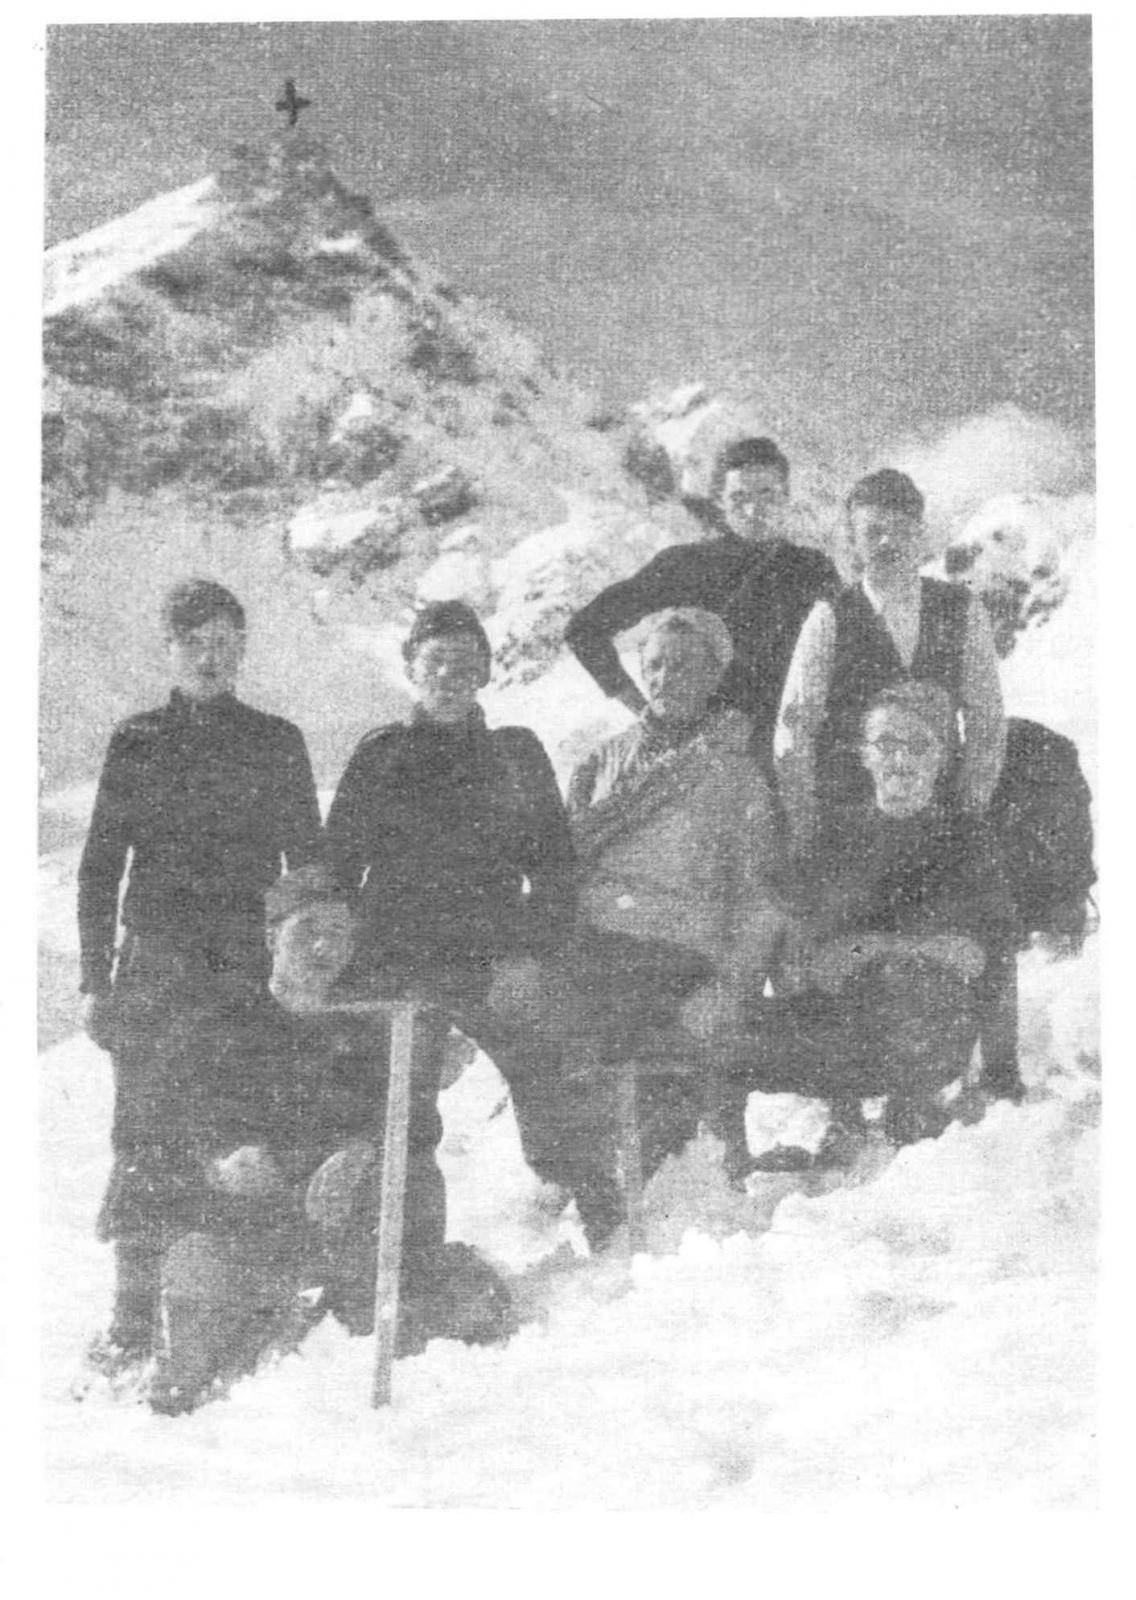 Uja d Pratofiorito, Febbraio 1941, in piedi a sx., mio padre